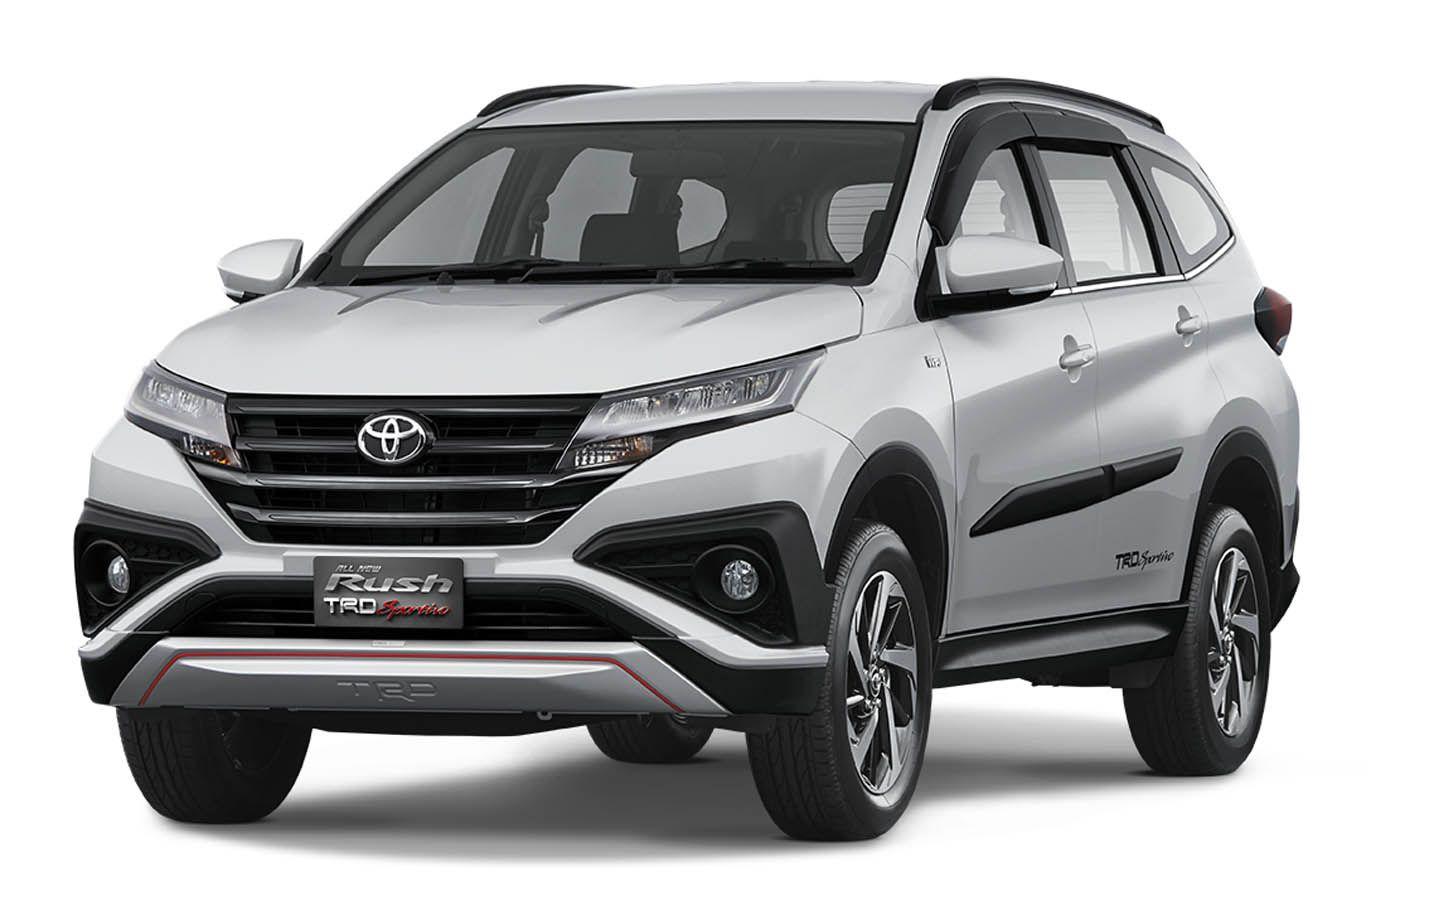 تويوتا راش الجديدة كروس أوفر عائلية مميزة من الحجم الصغير موقع ويلز Daihatsu Toyota Daihatsu Terios